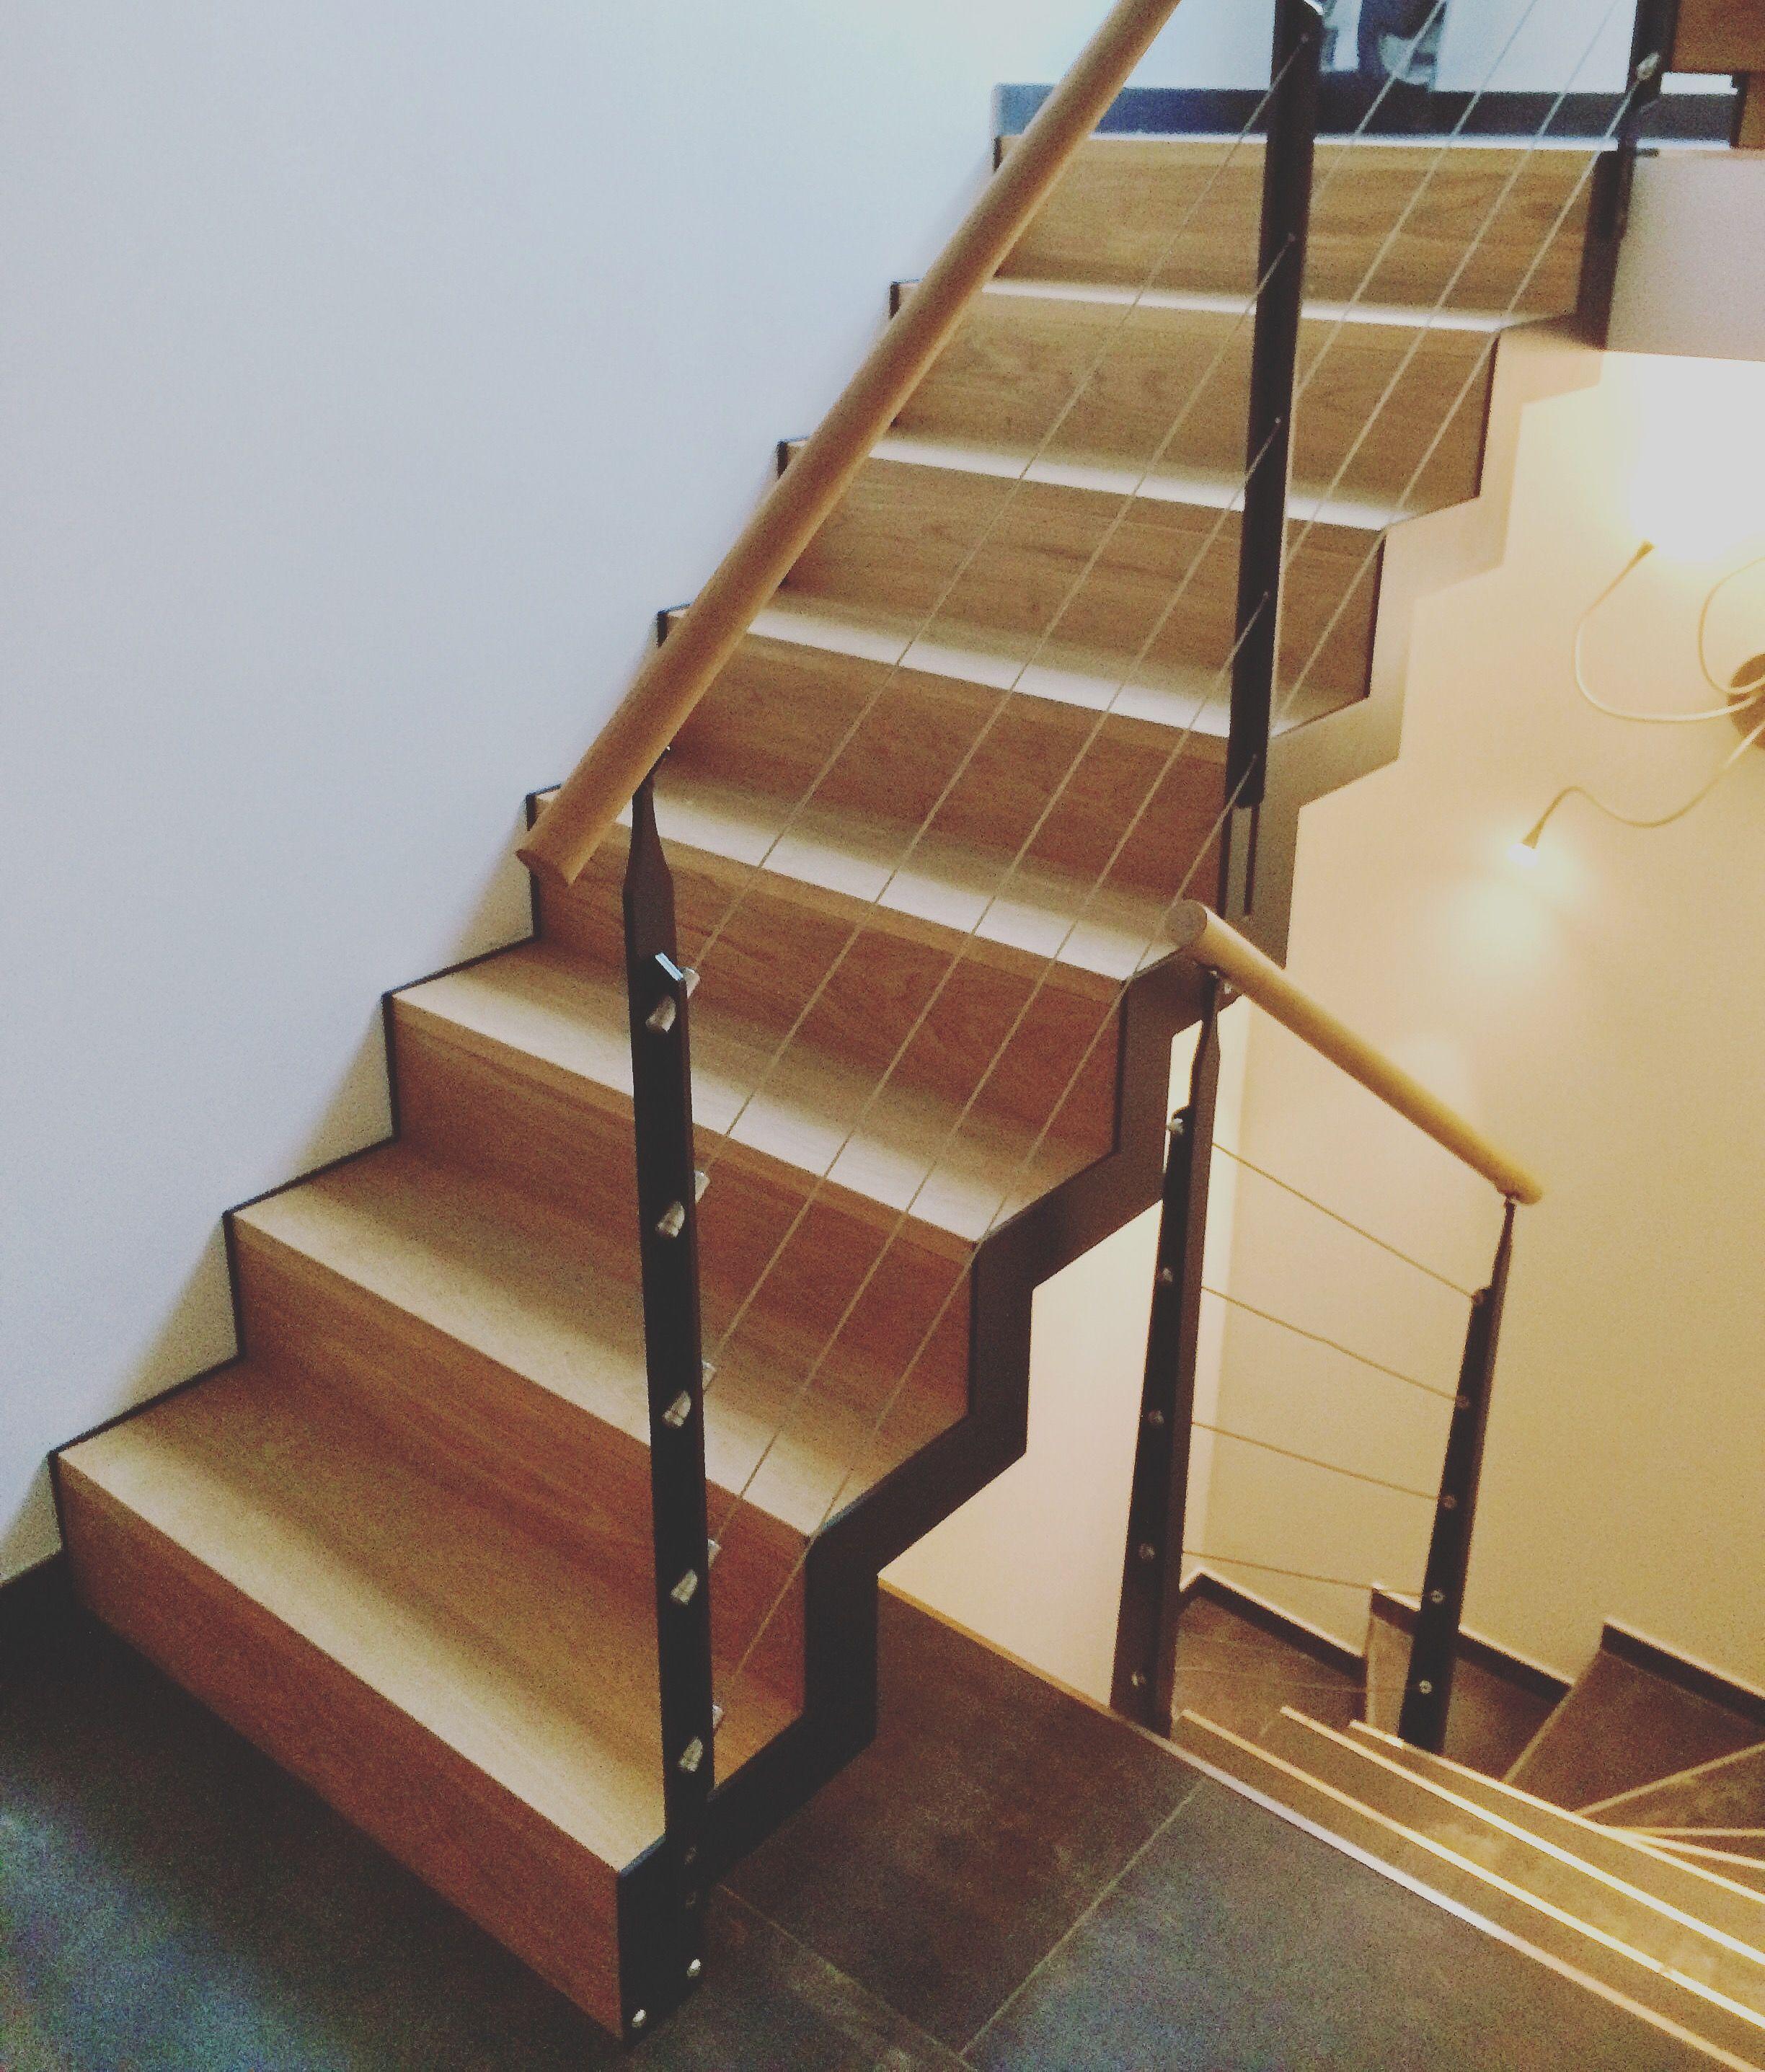 Escalier int rieur droit m tallique cet escalier limons cr maill re d coup s est compos de - Escalier bois interieur ...